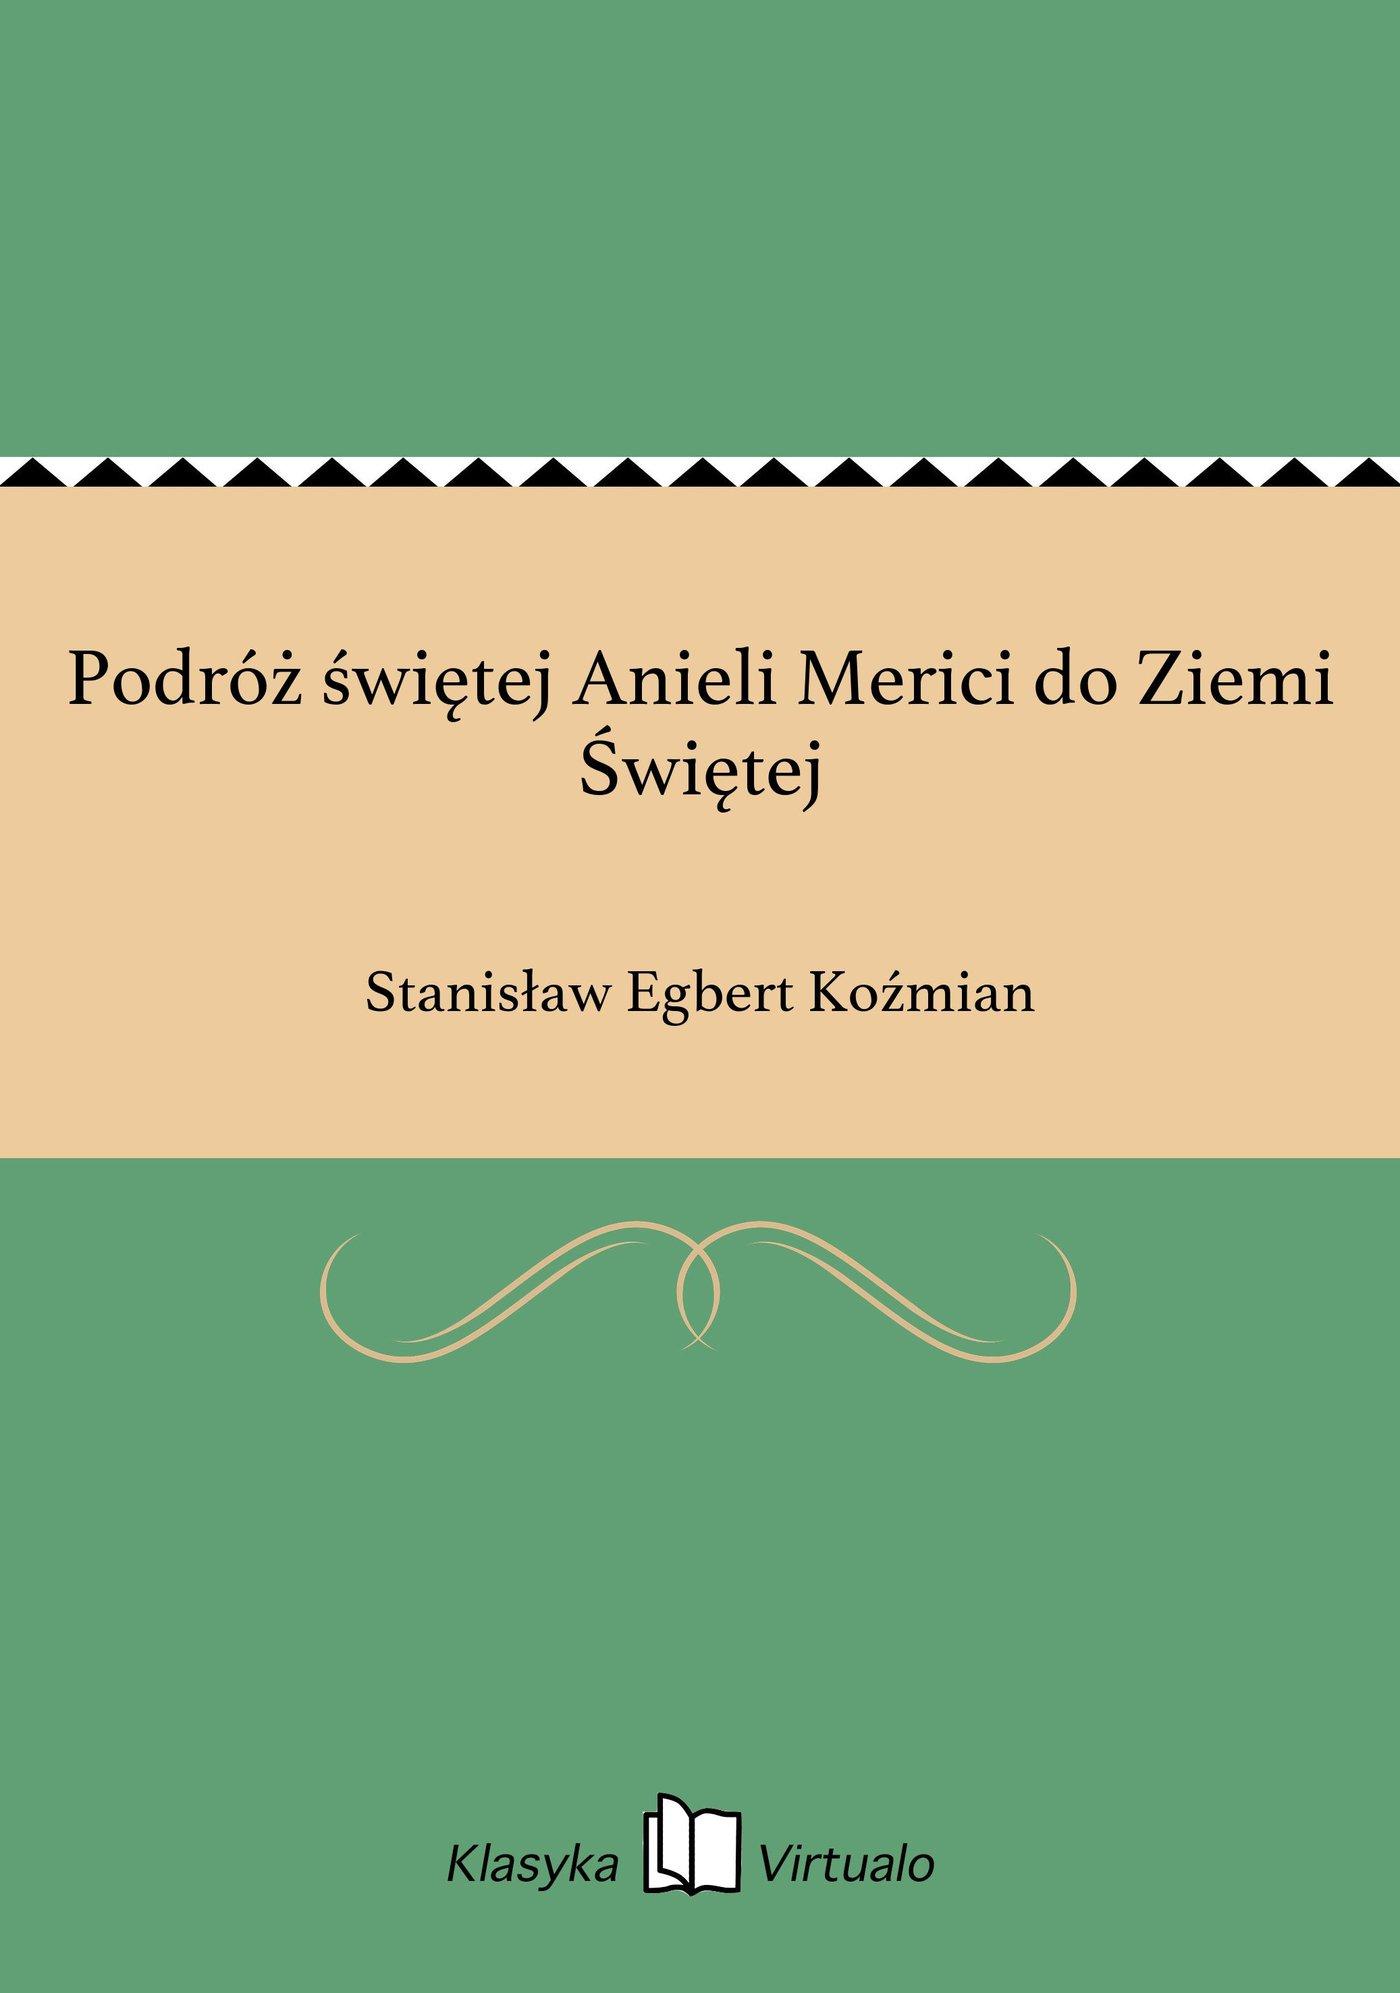 Podróż świętej Anieli Merici do Ziemi Świętej - Ebook (Książka EPUB) do pobrania w formacie EPUB